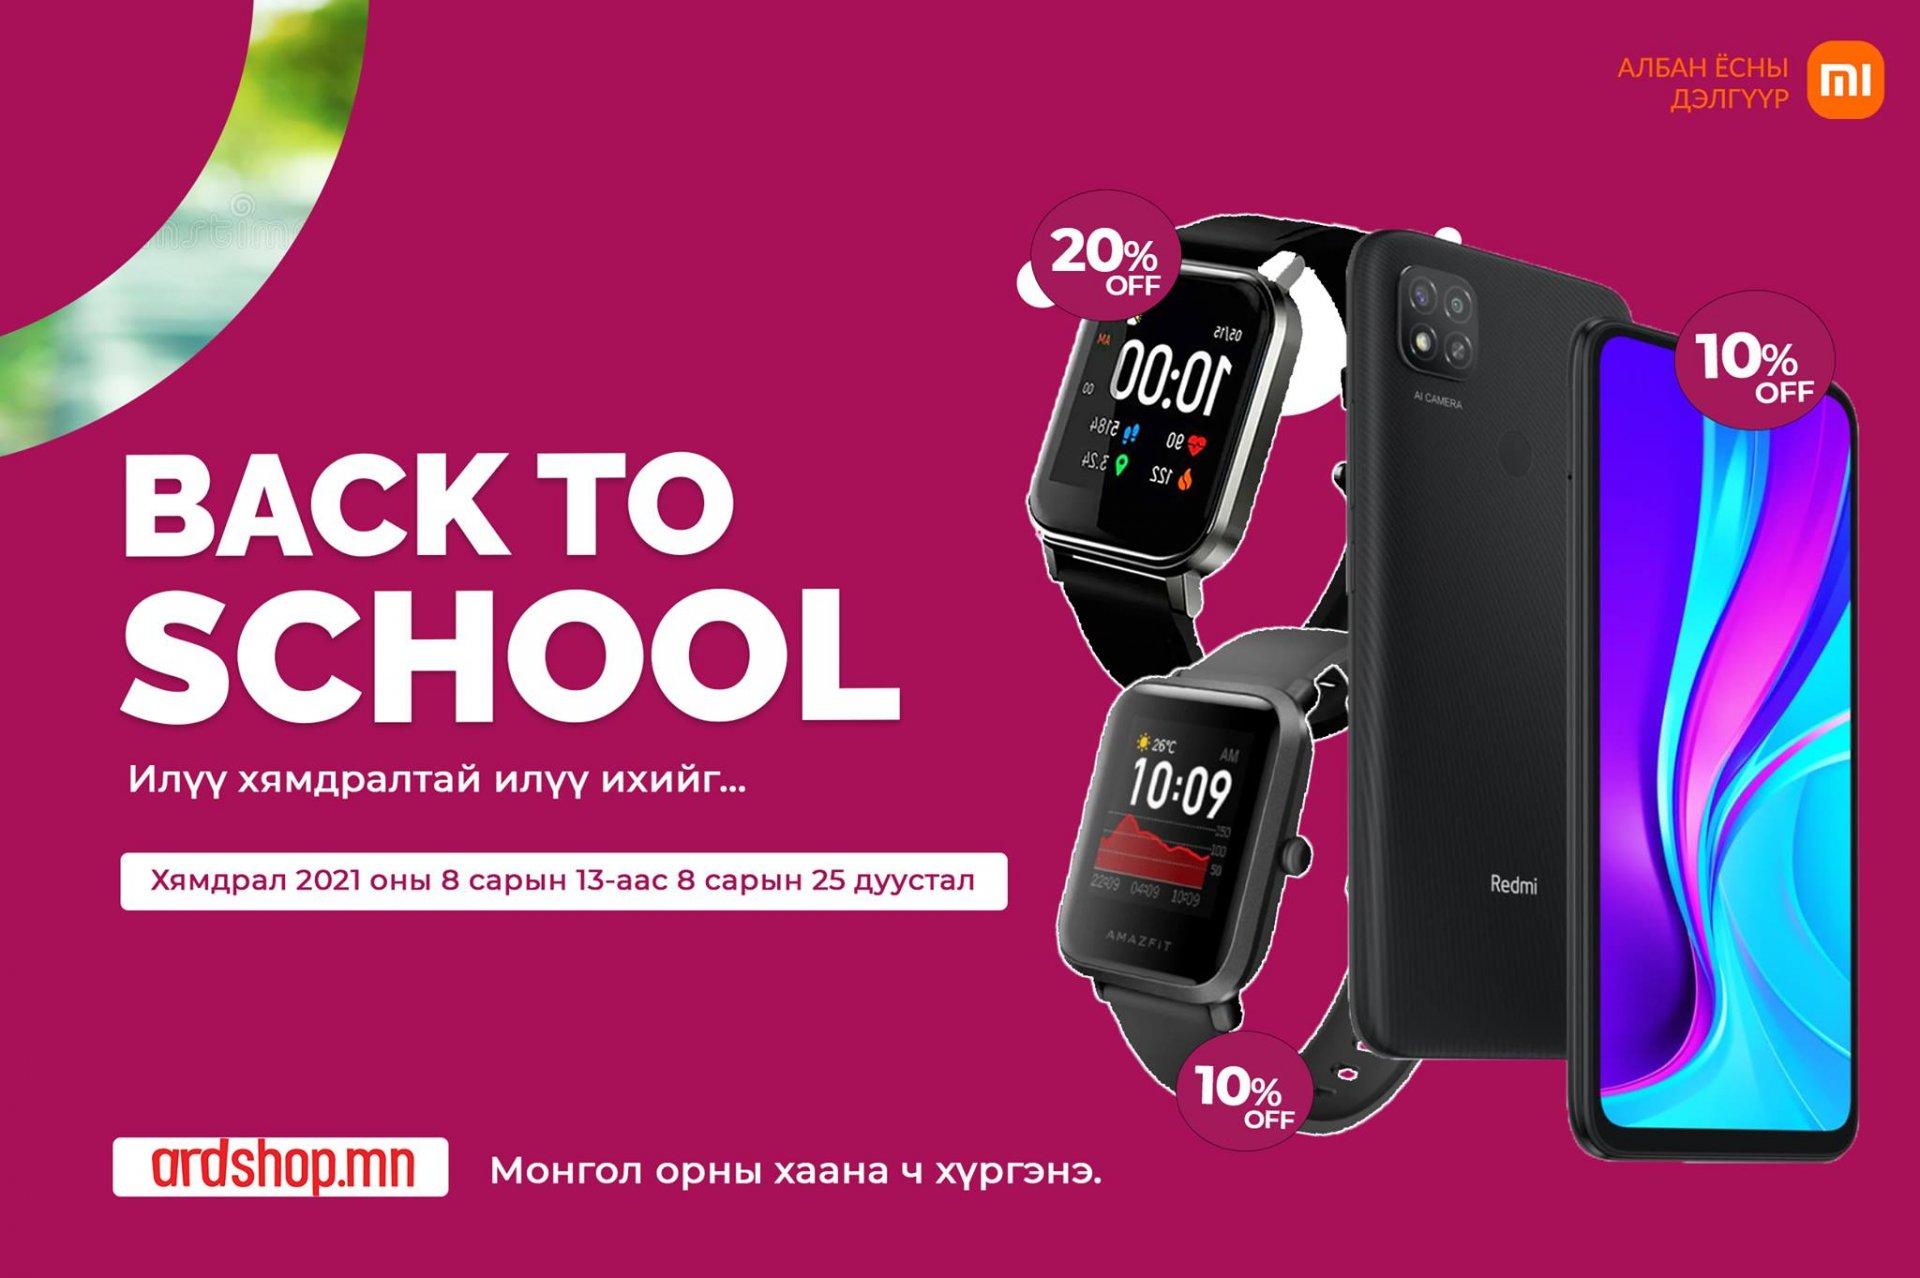 Ardshop болон Xiaomi mongolia хамтран